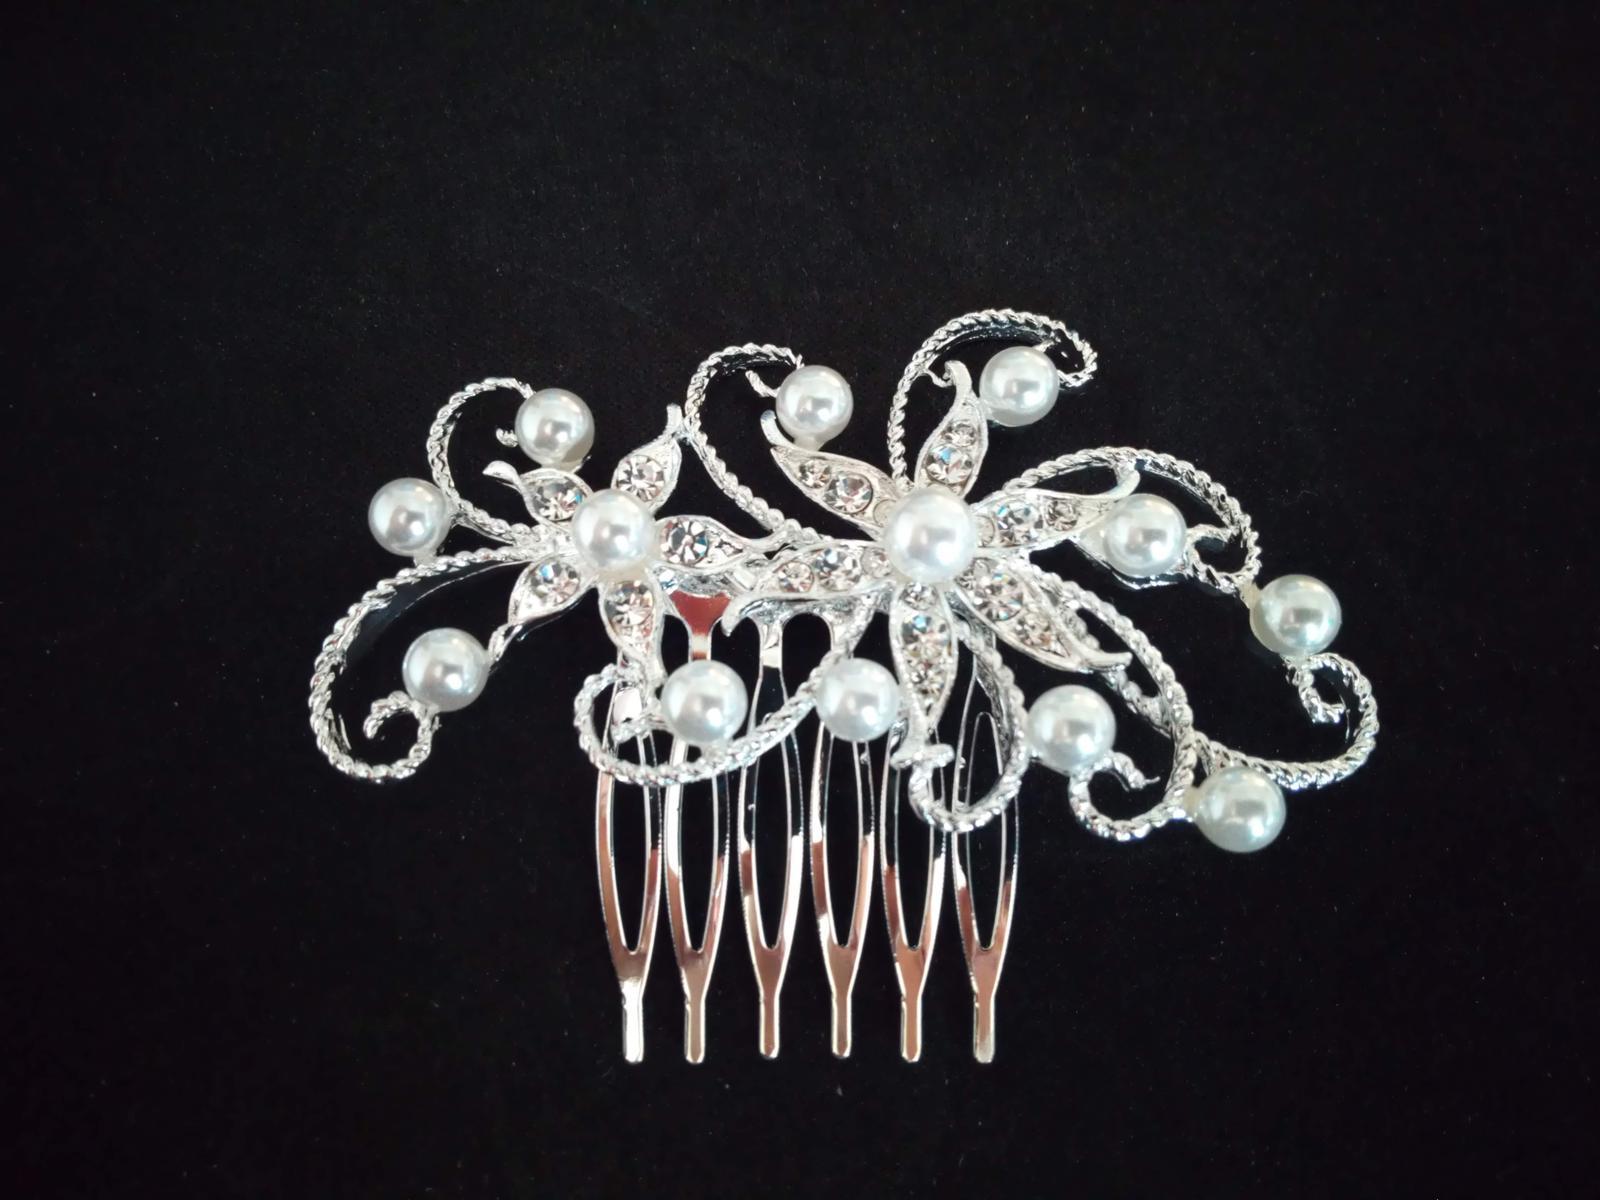 perlovo strieborný hrebienok - Obrázok č. 1